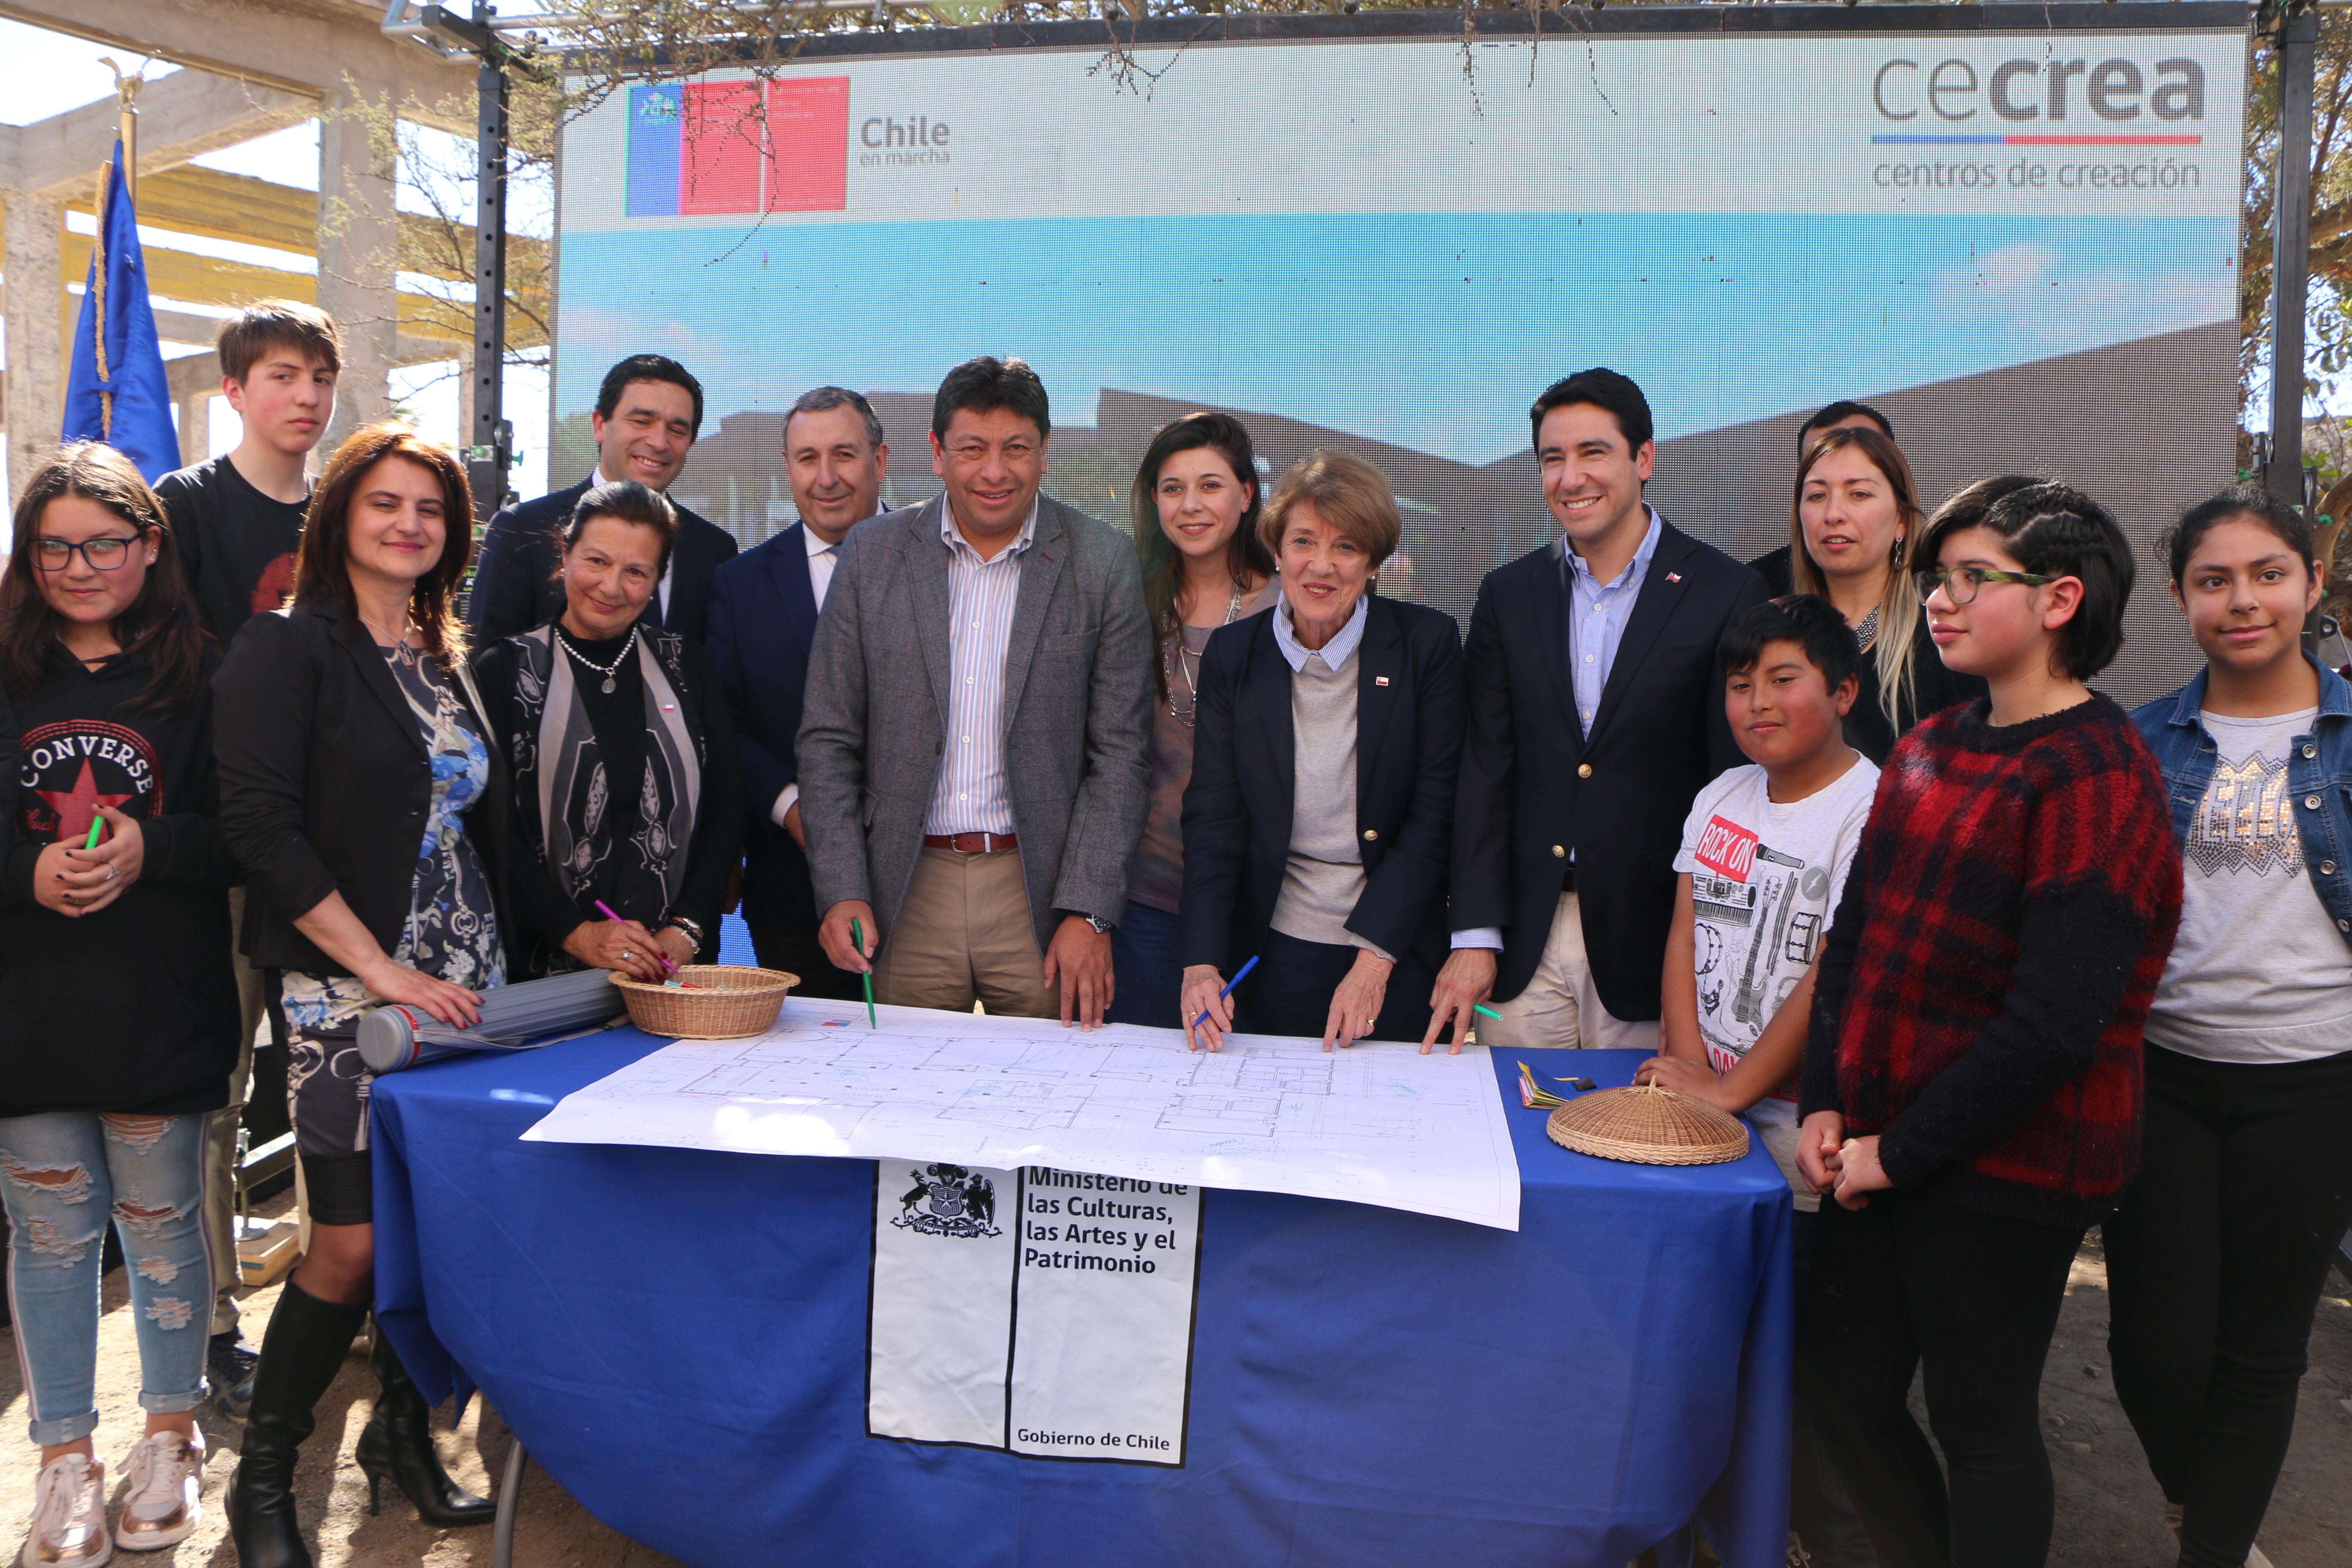 En 14 meses más entregarán centro Cecrea en Vallenar